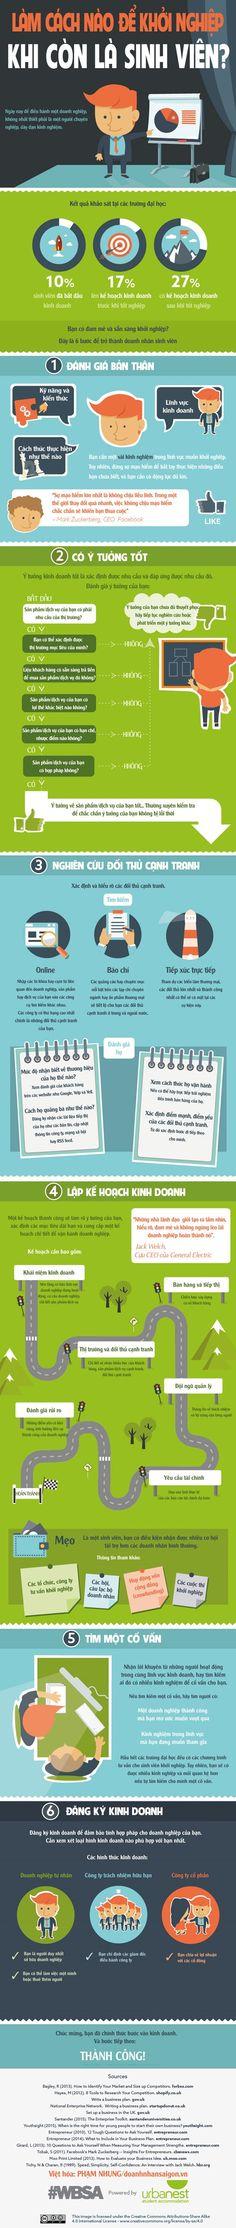 [Infographic]6 bước để sinh viên khởi nghiệp thành công - doanhnhansaigon.vn